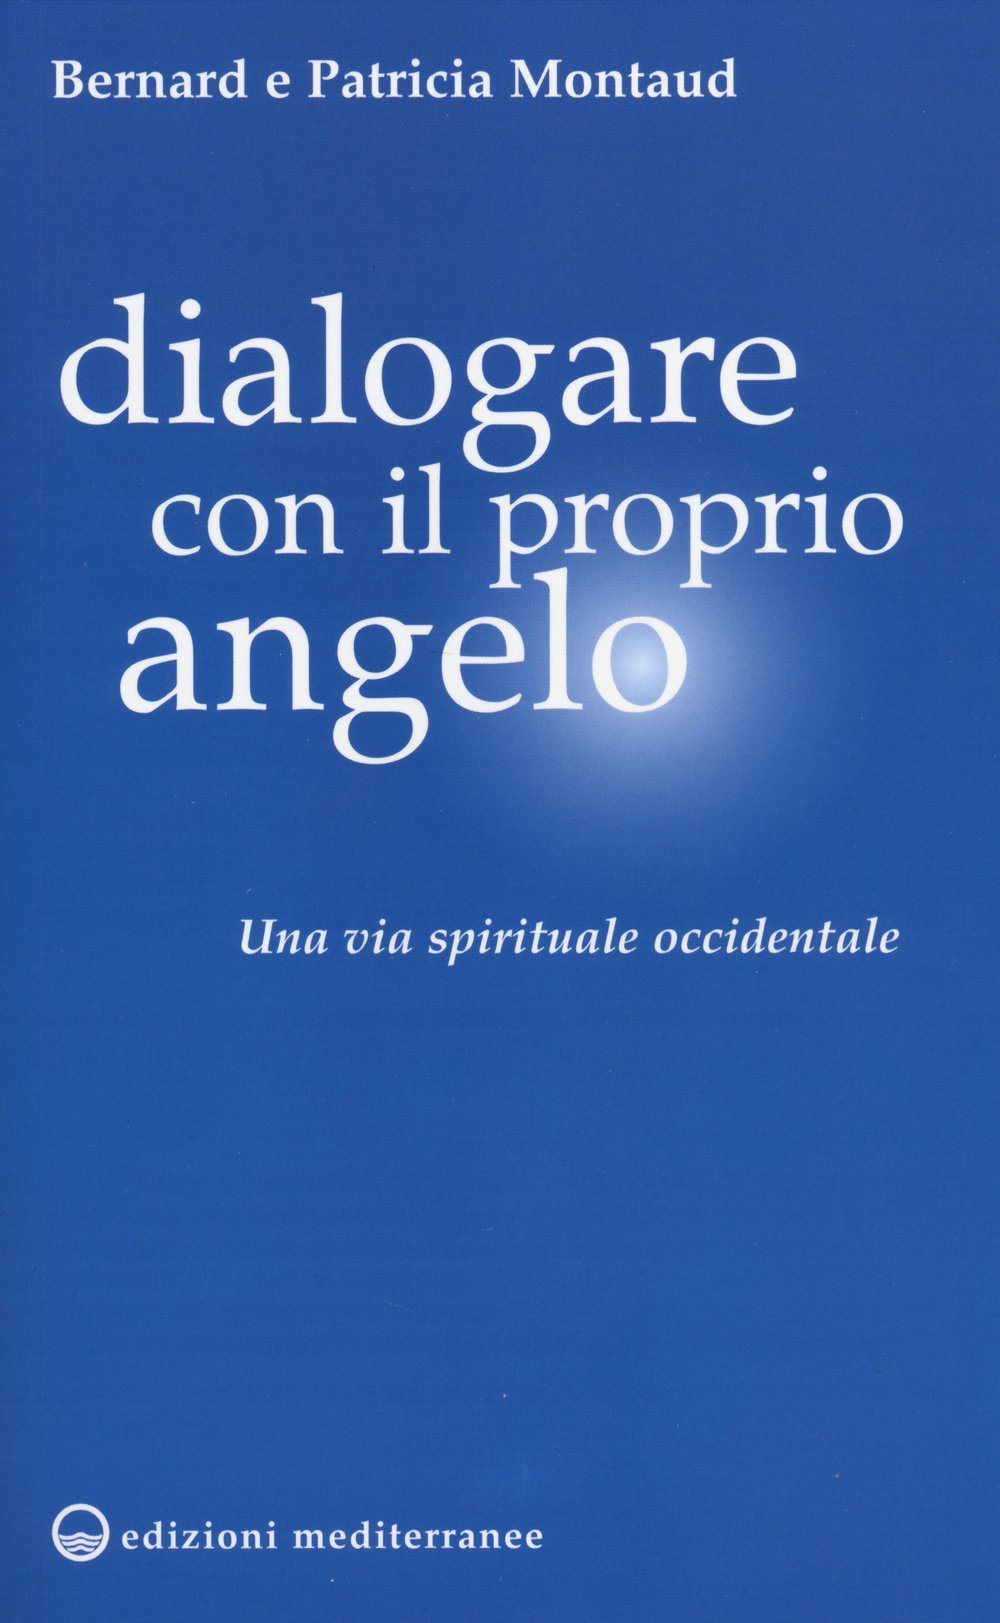 Dialogare con il proprio angelo: una via spirituale occidentale Bernard Montaud